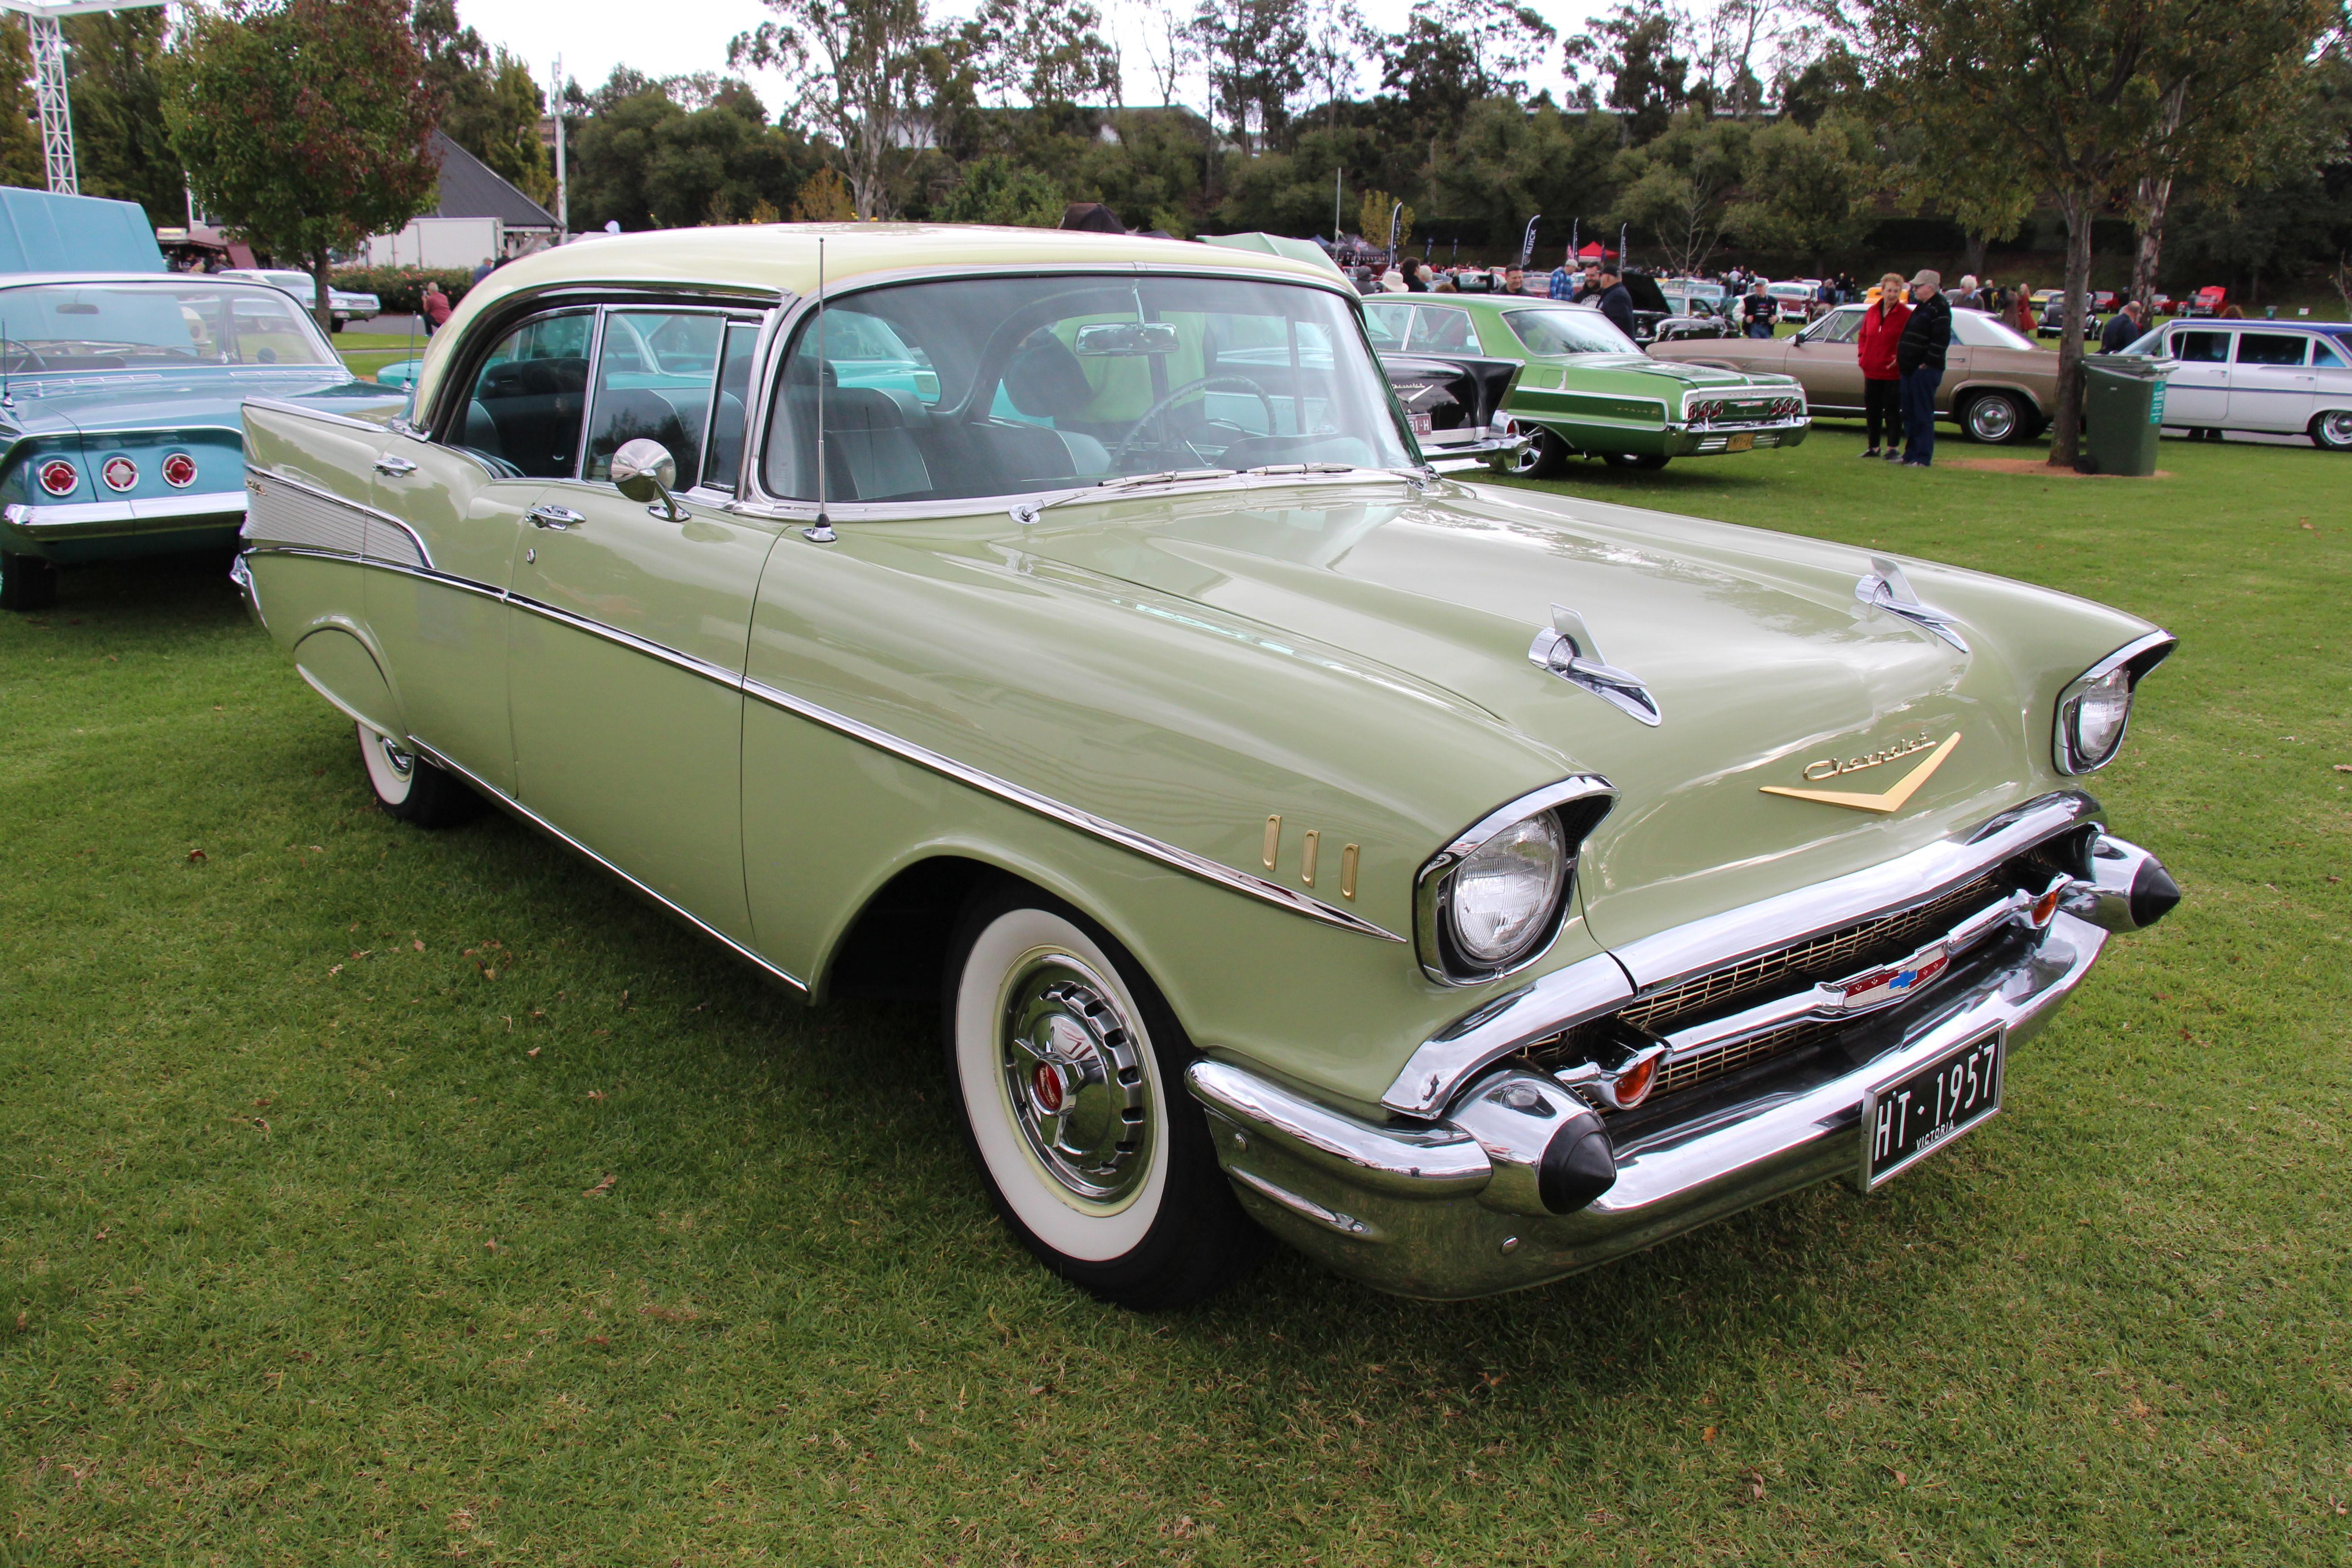 File1957 Chevrolet Bel Air 4 Door Hardtop 26184663404 1957 Chevy